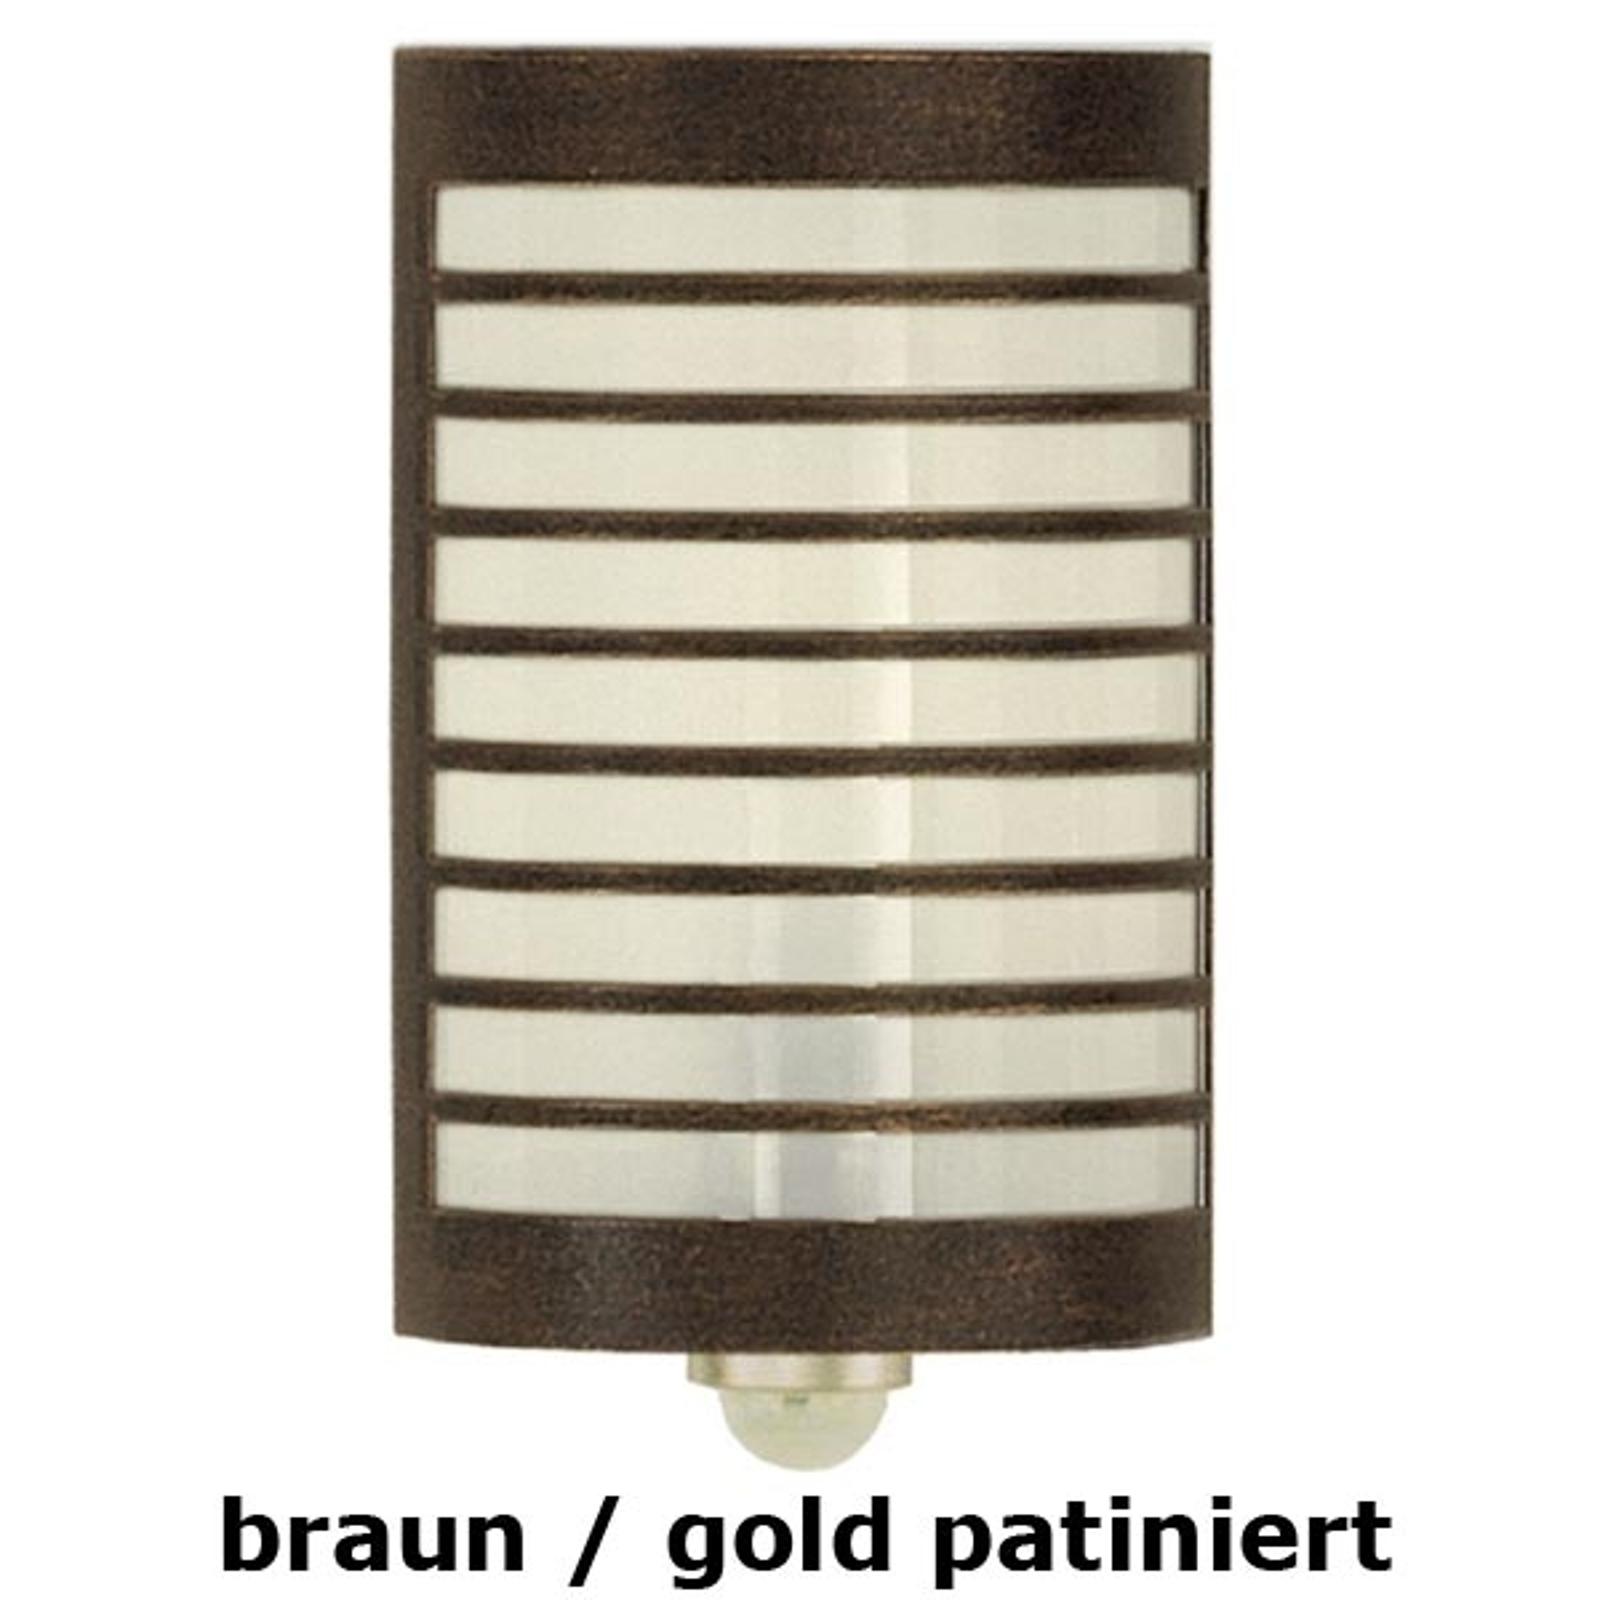 Applique TERU av détecteur de mouvement brun doré